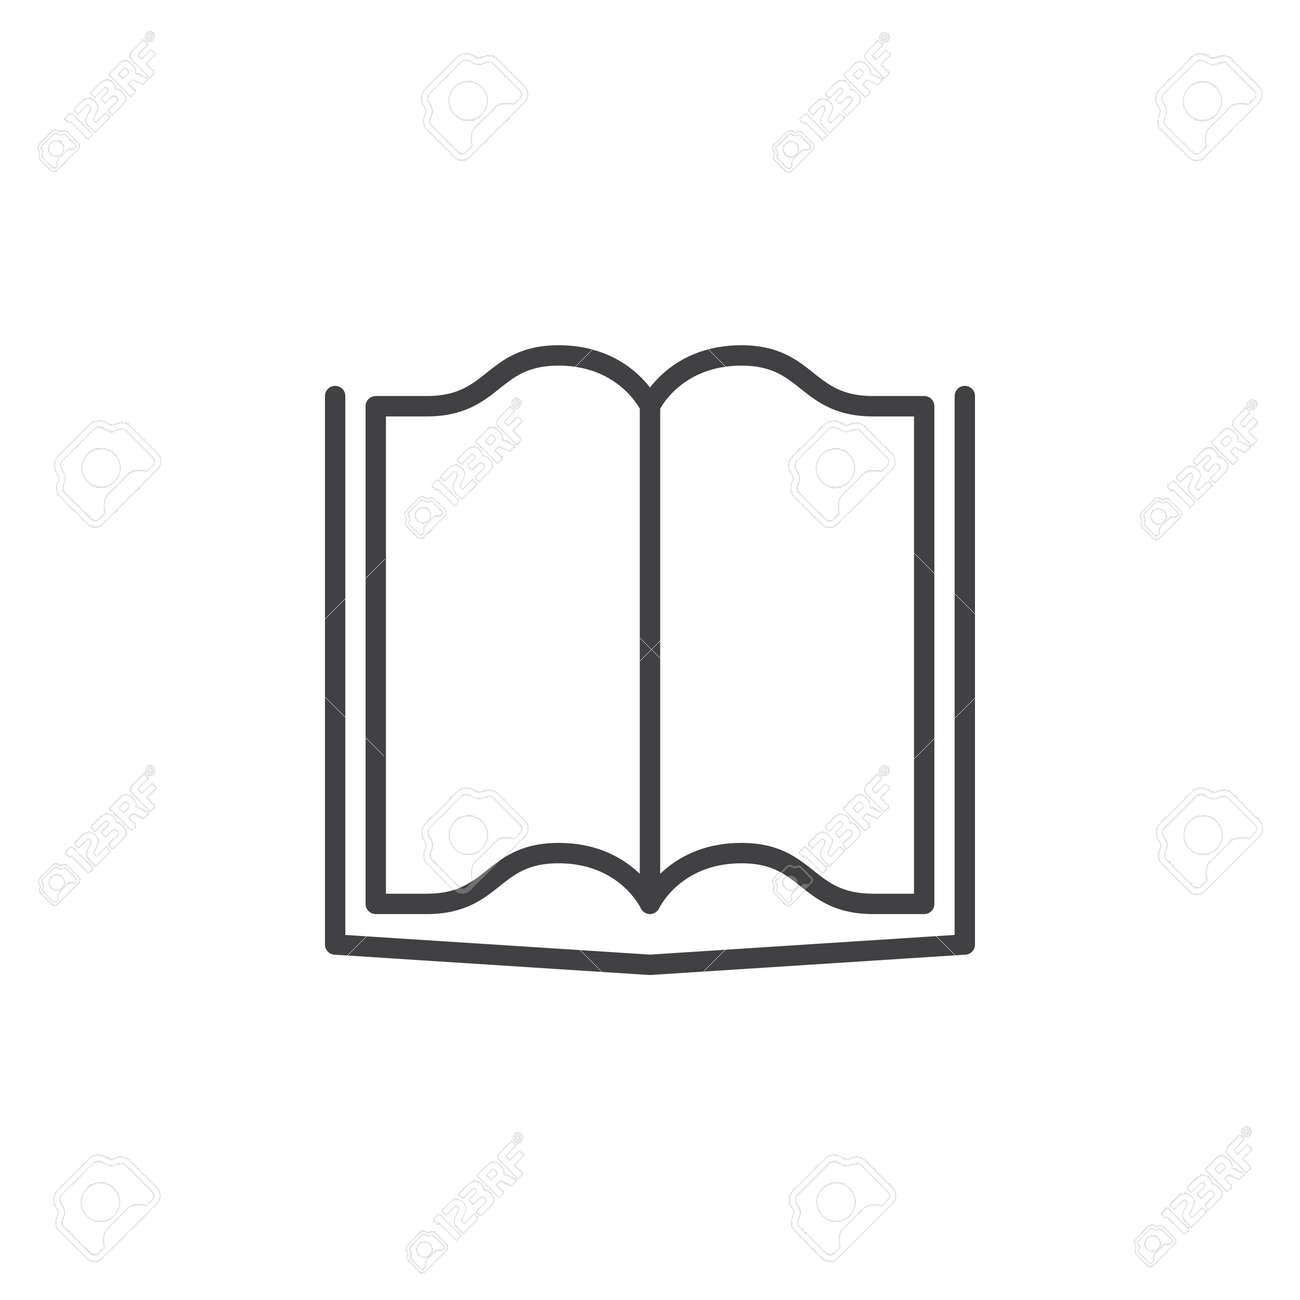 Icone De Ligne De Livre Logo Vectoriel De Contour Pictogramme Lineaire Isole Sur Blanc Illustration Parfaite De Pixel